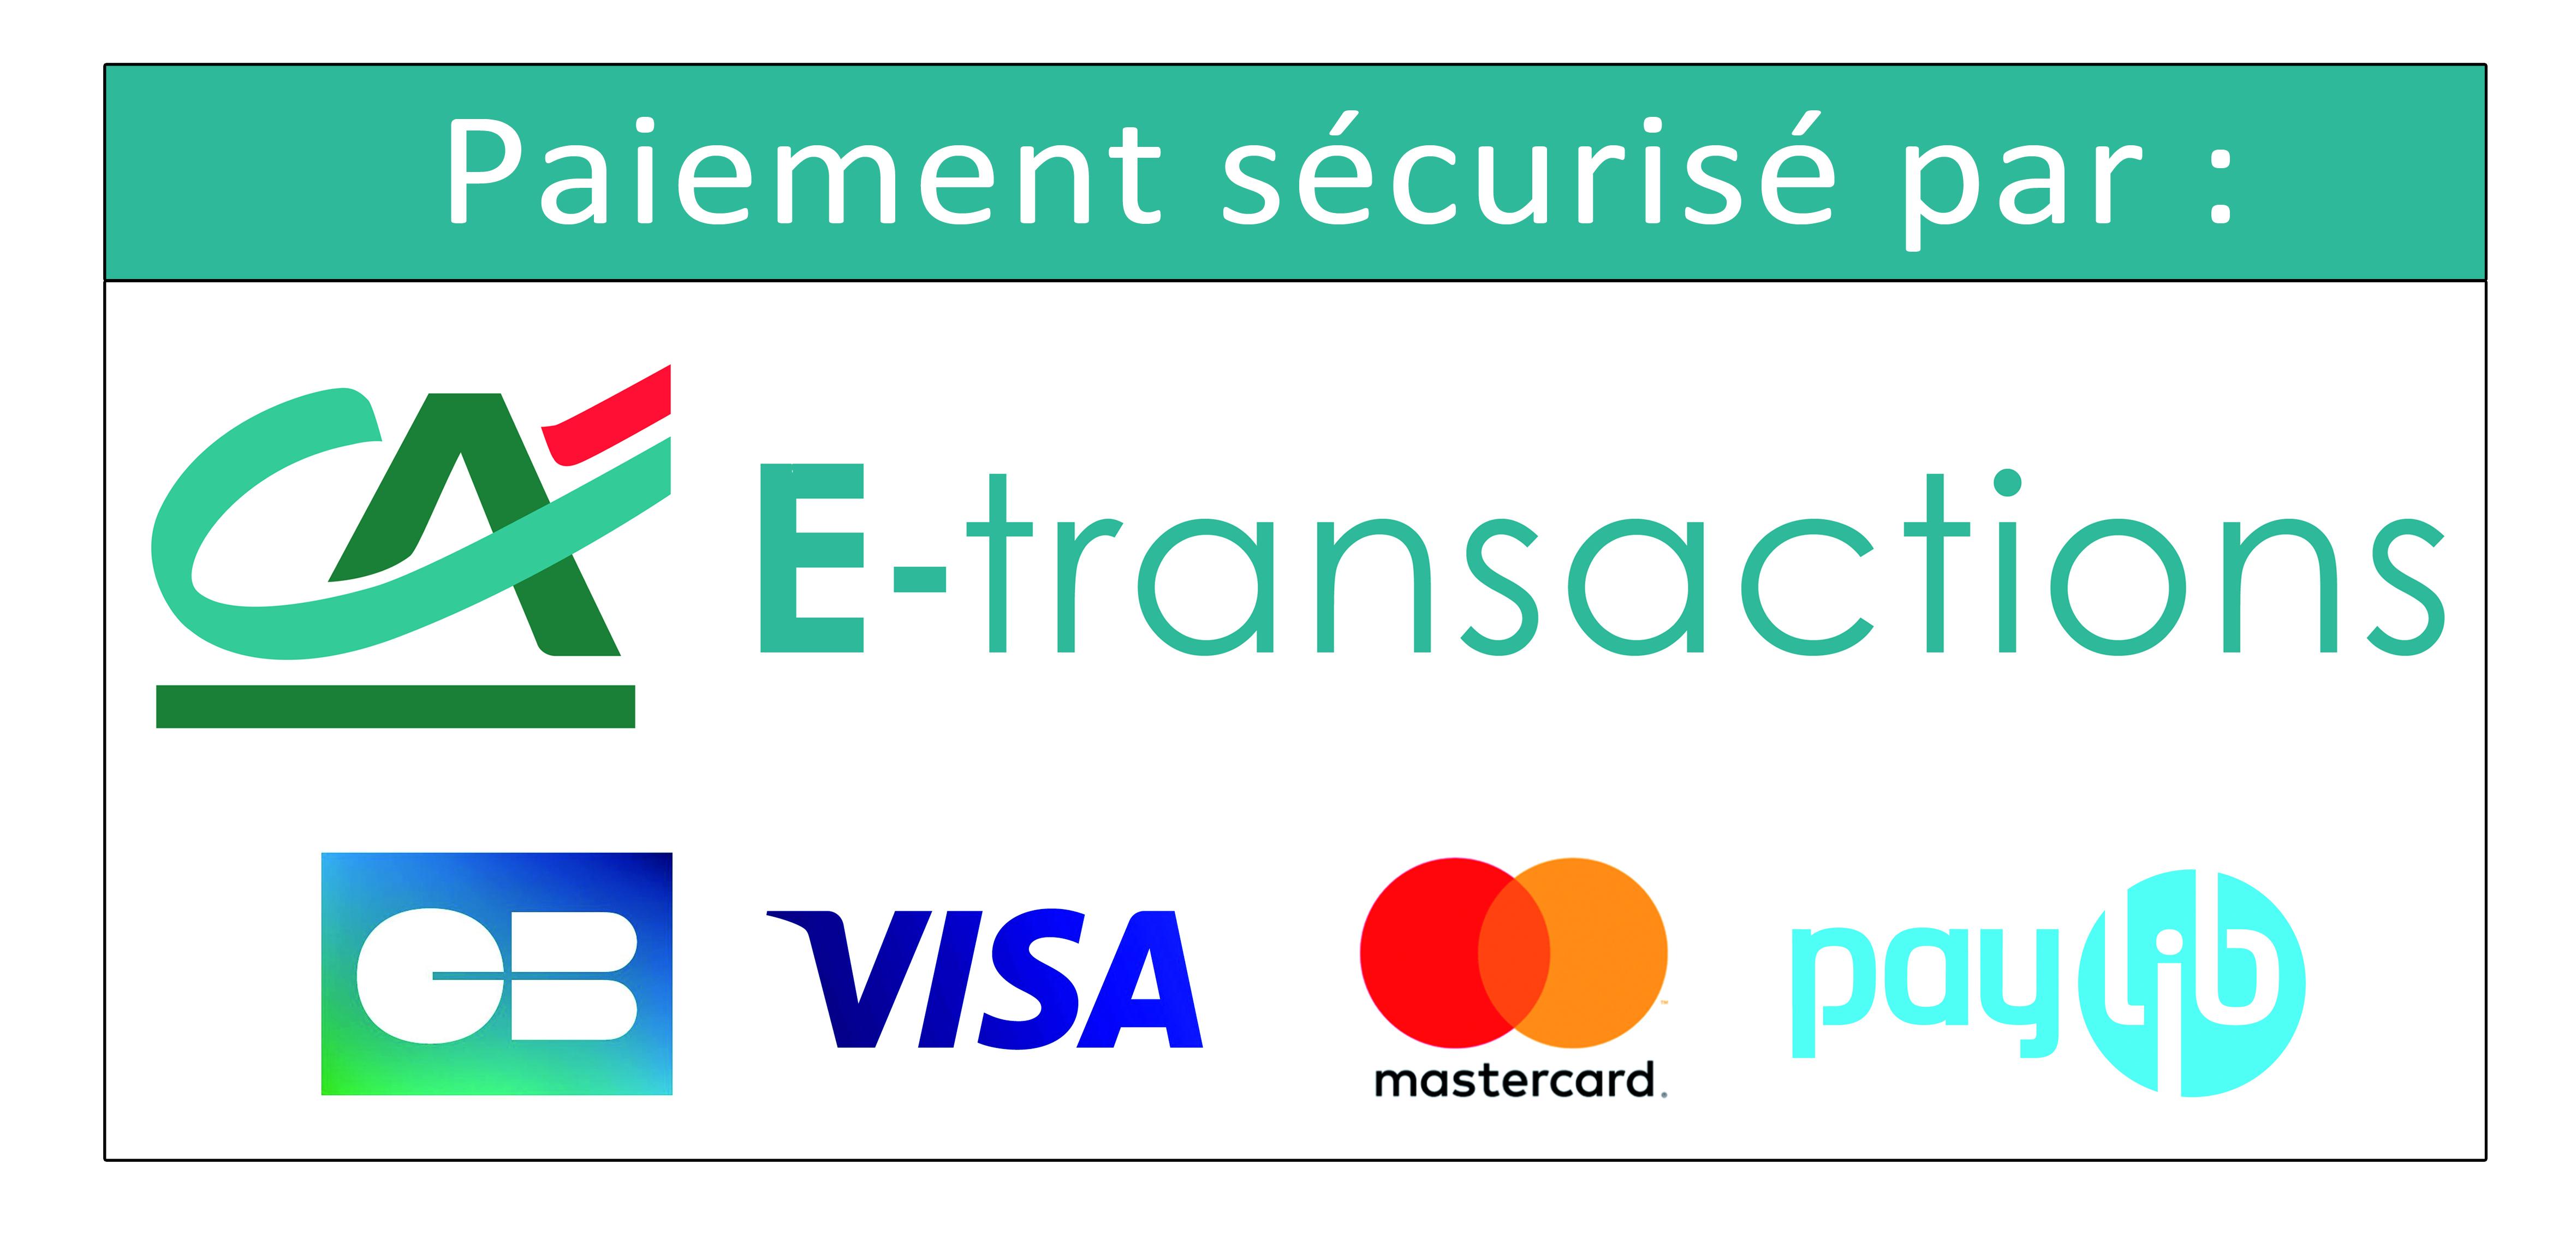 crédit agricole e-transaction